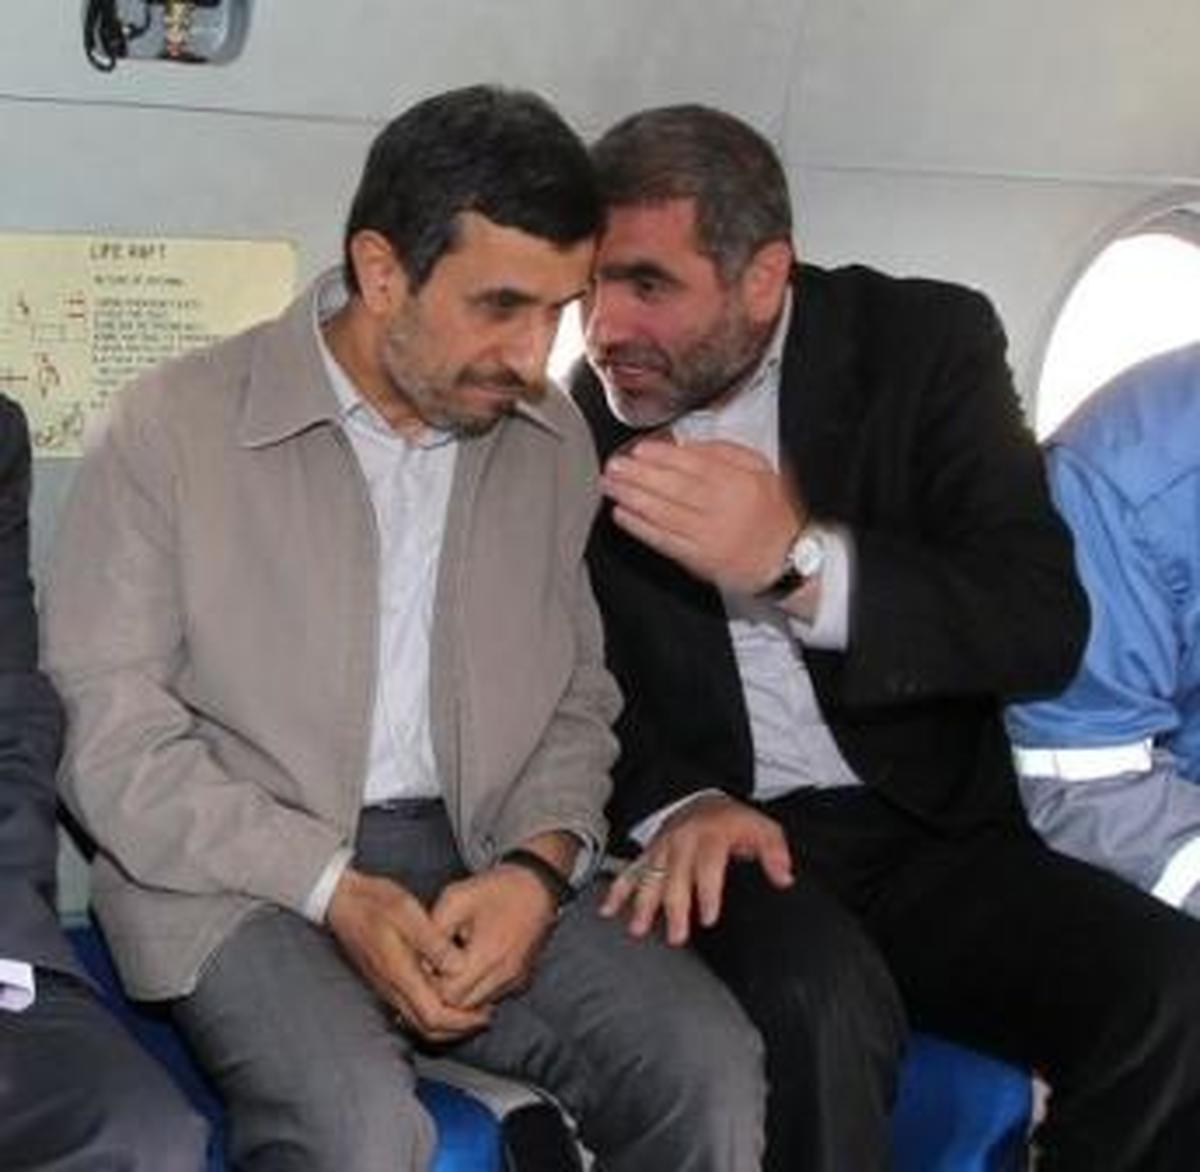 دوستان صمیمی کارهای قدیمی؛ احمدینژاد و دورخیز برای ریاستجمهوری ۱۴۰۰